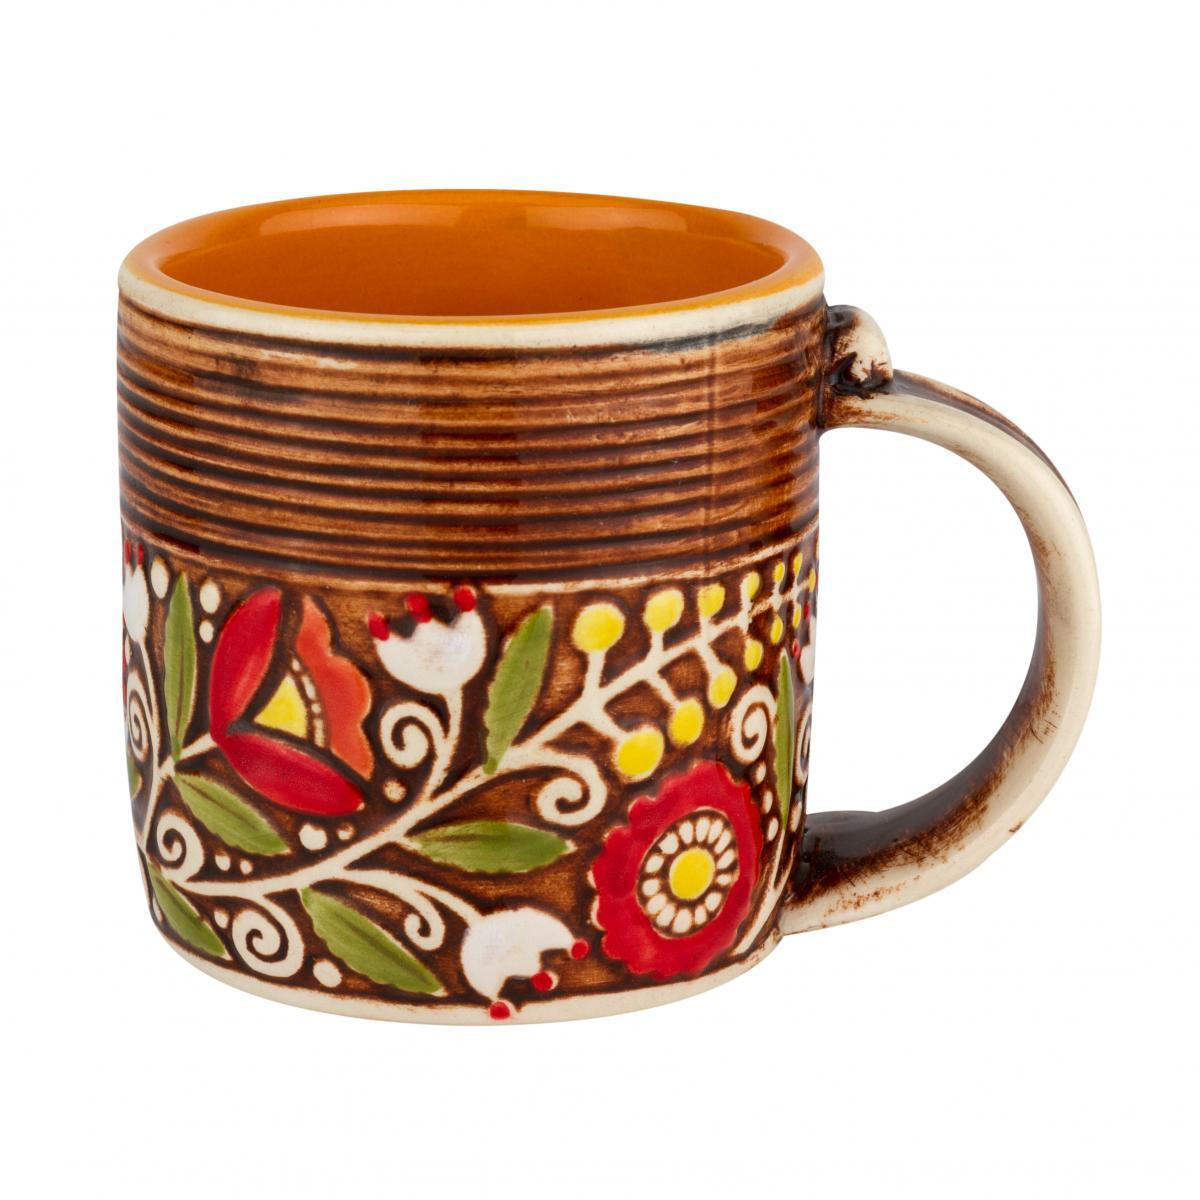 Чашка оранжевая - 400 мл. Фото №1. | Народный дом Украина